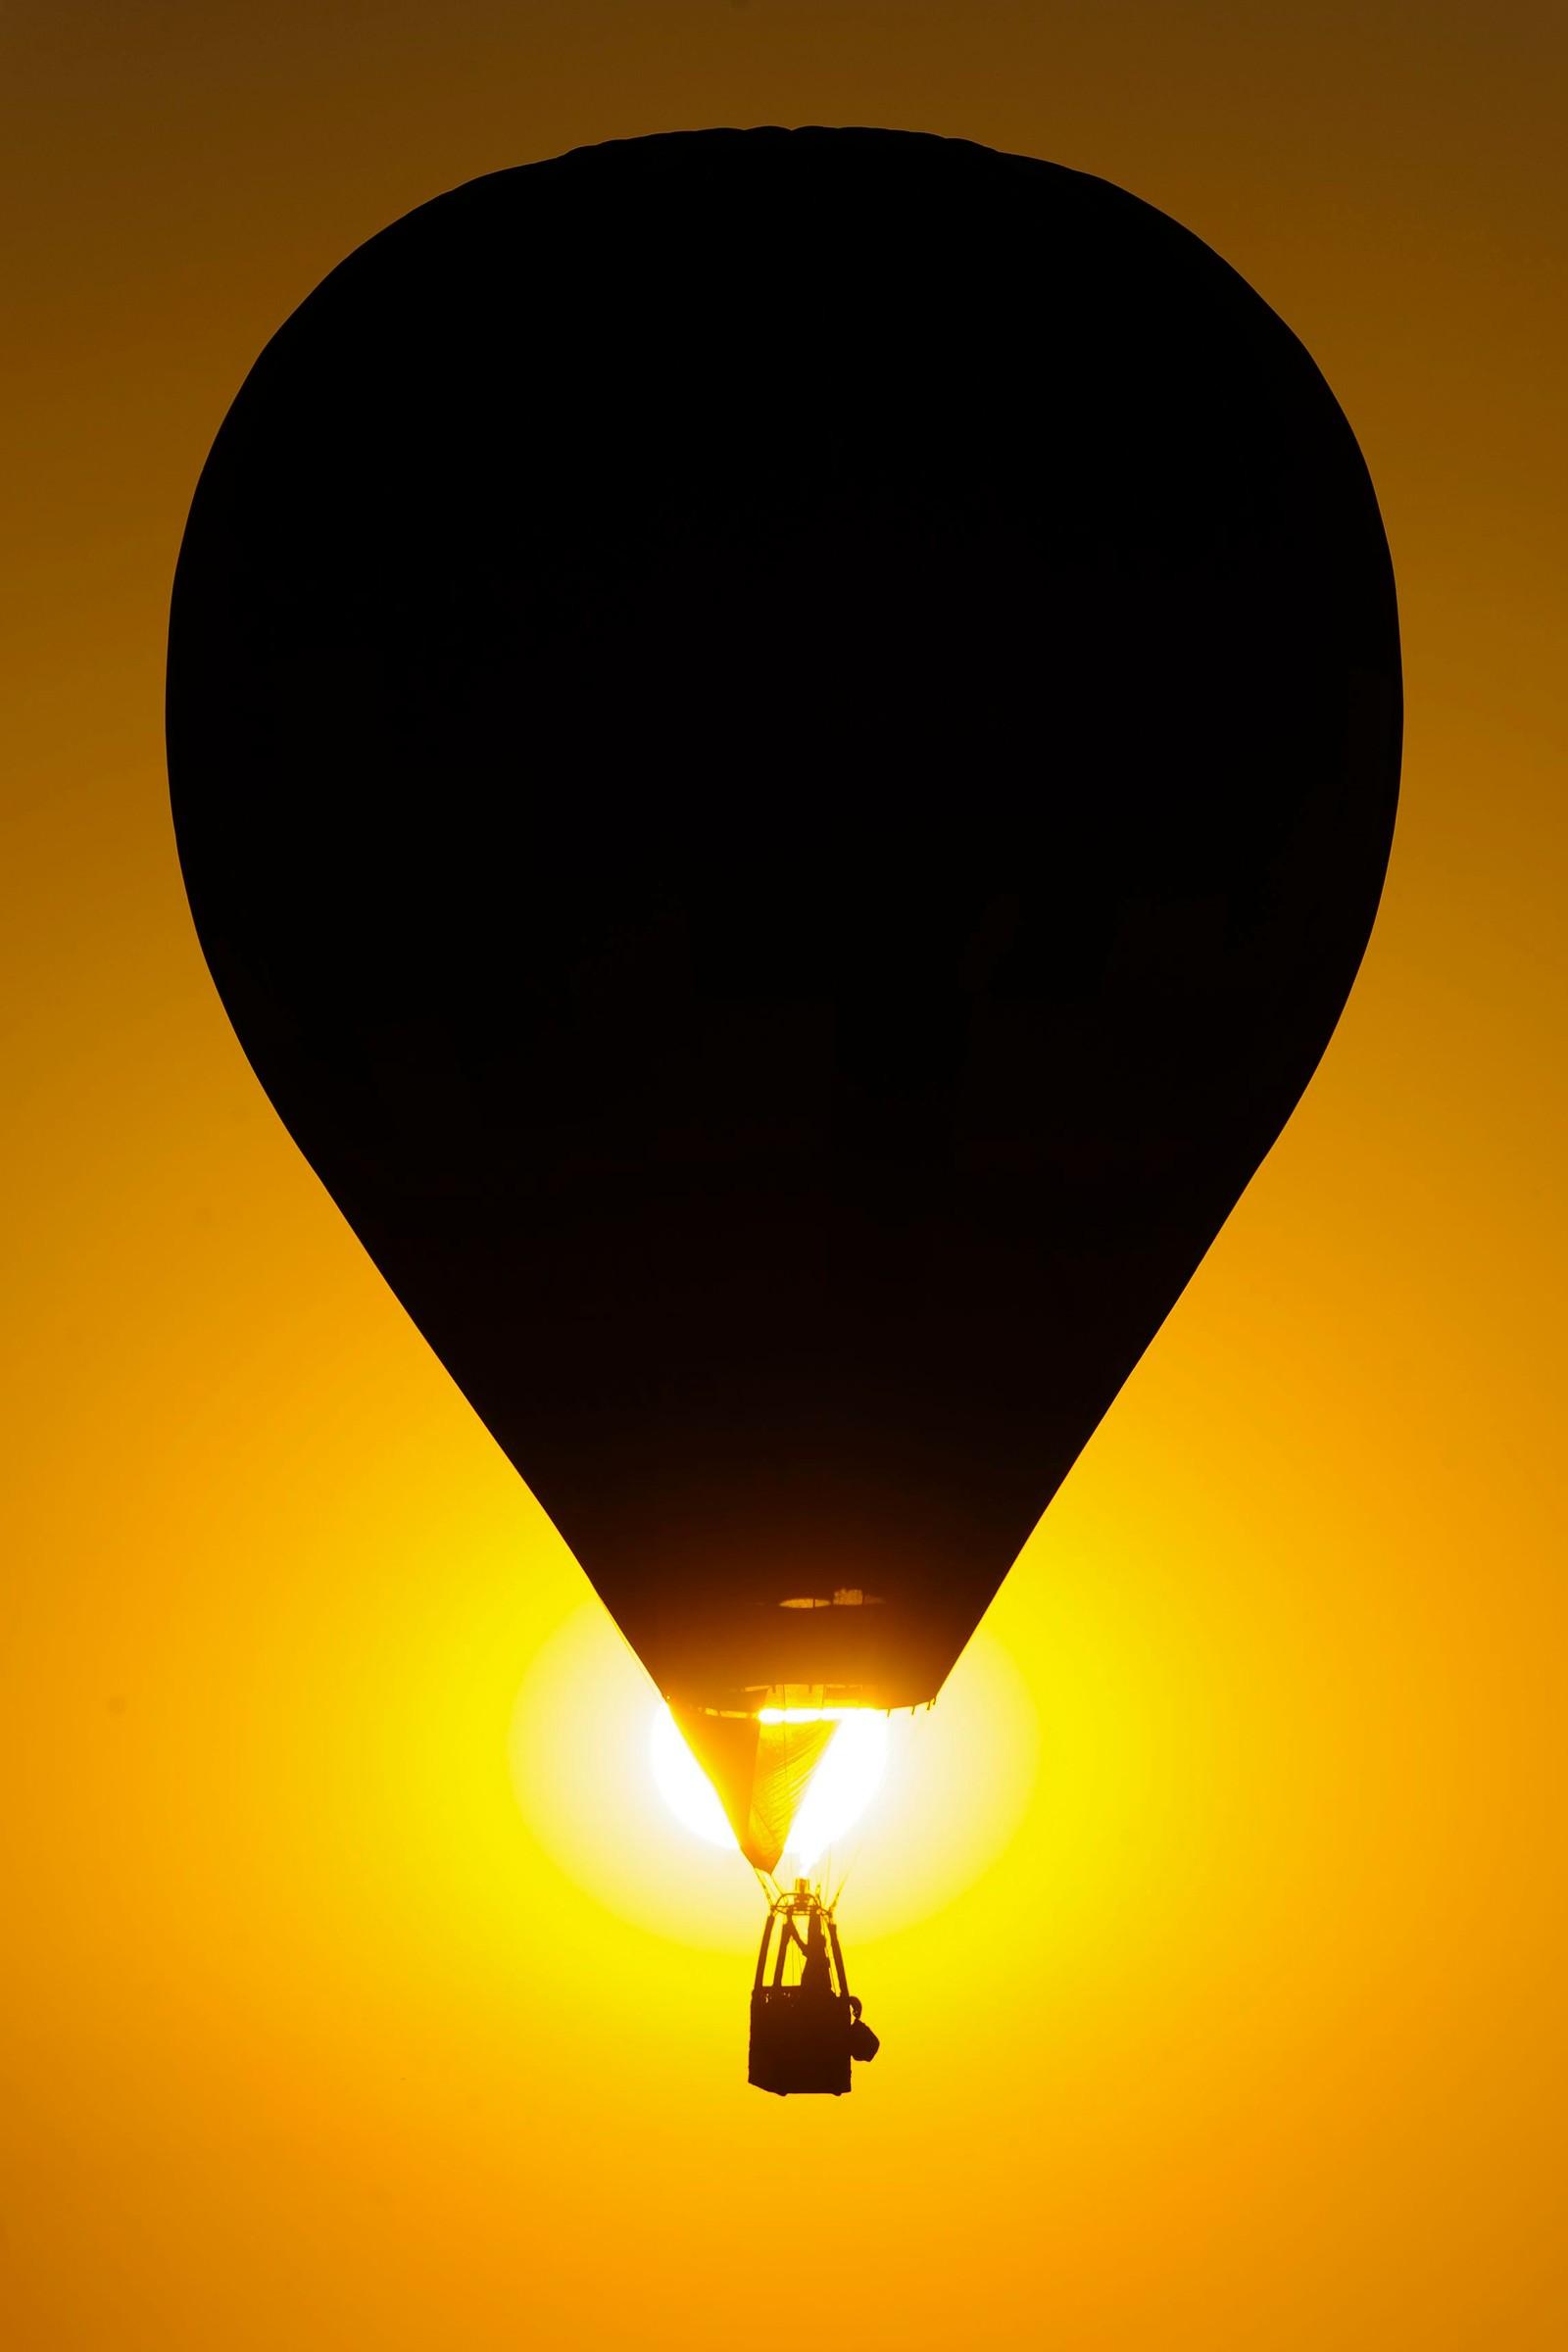 En luftballong i solnedgang deltok denne uka i Europamesterskapet, som ble arrangert i Budapest, Ungarn.